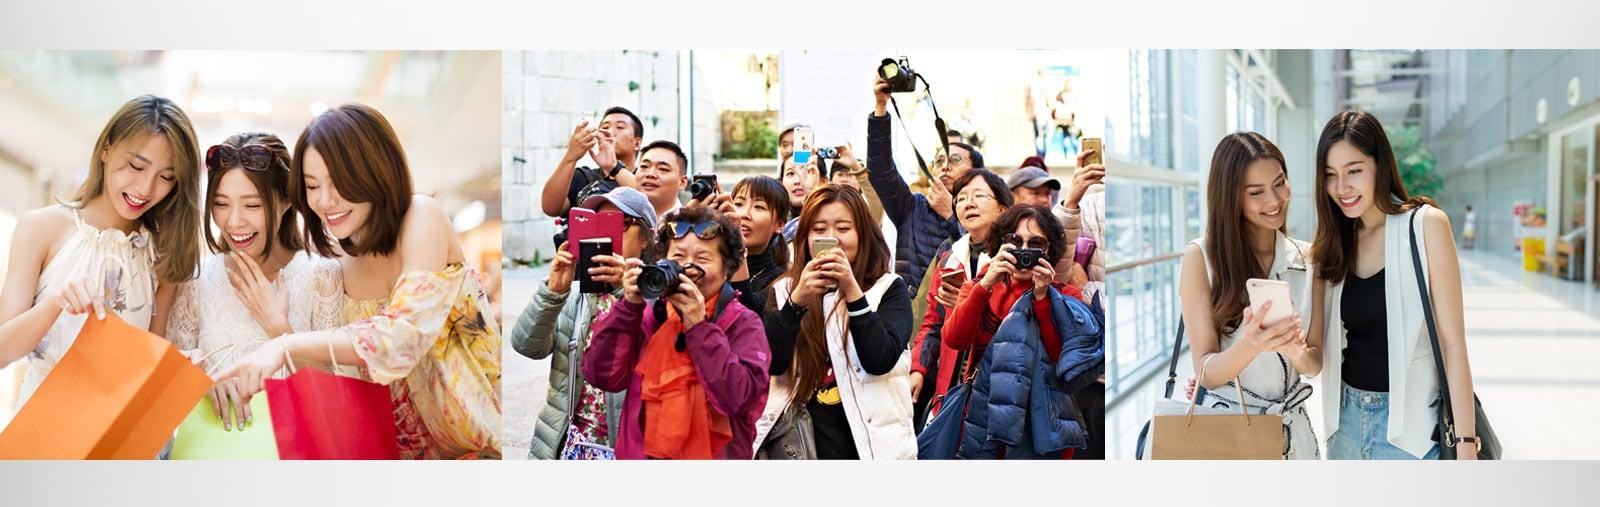 chinesische-touristen-desktop